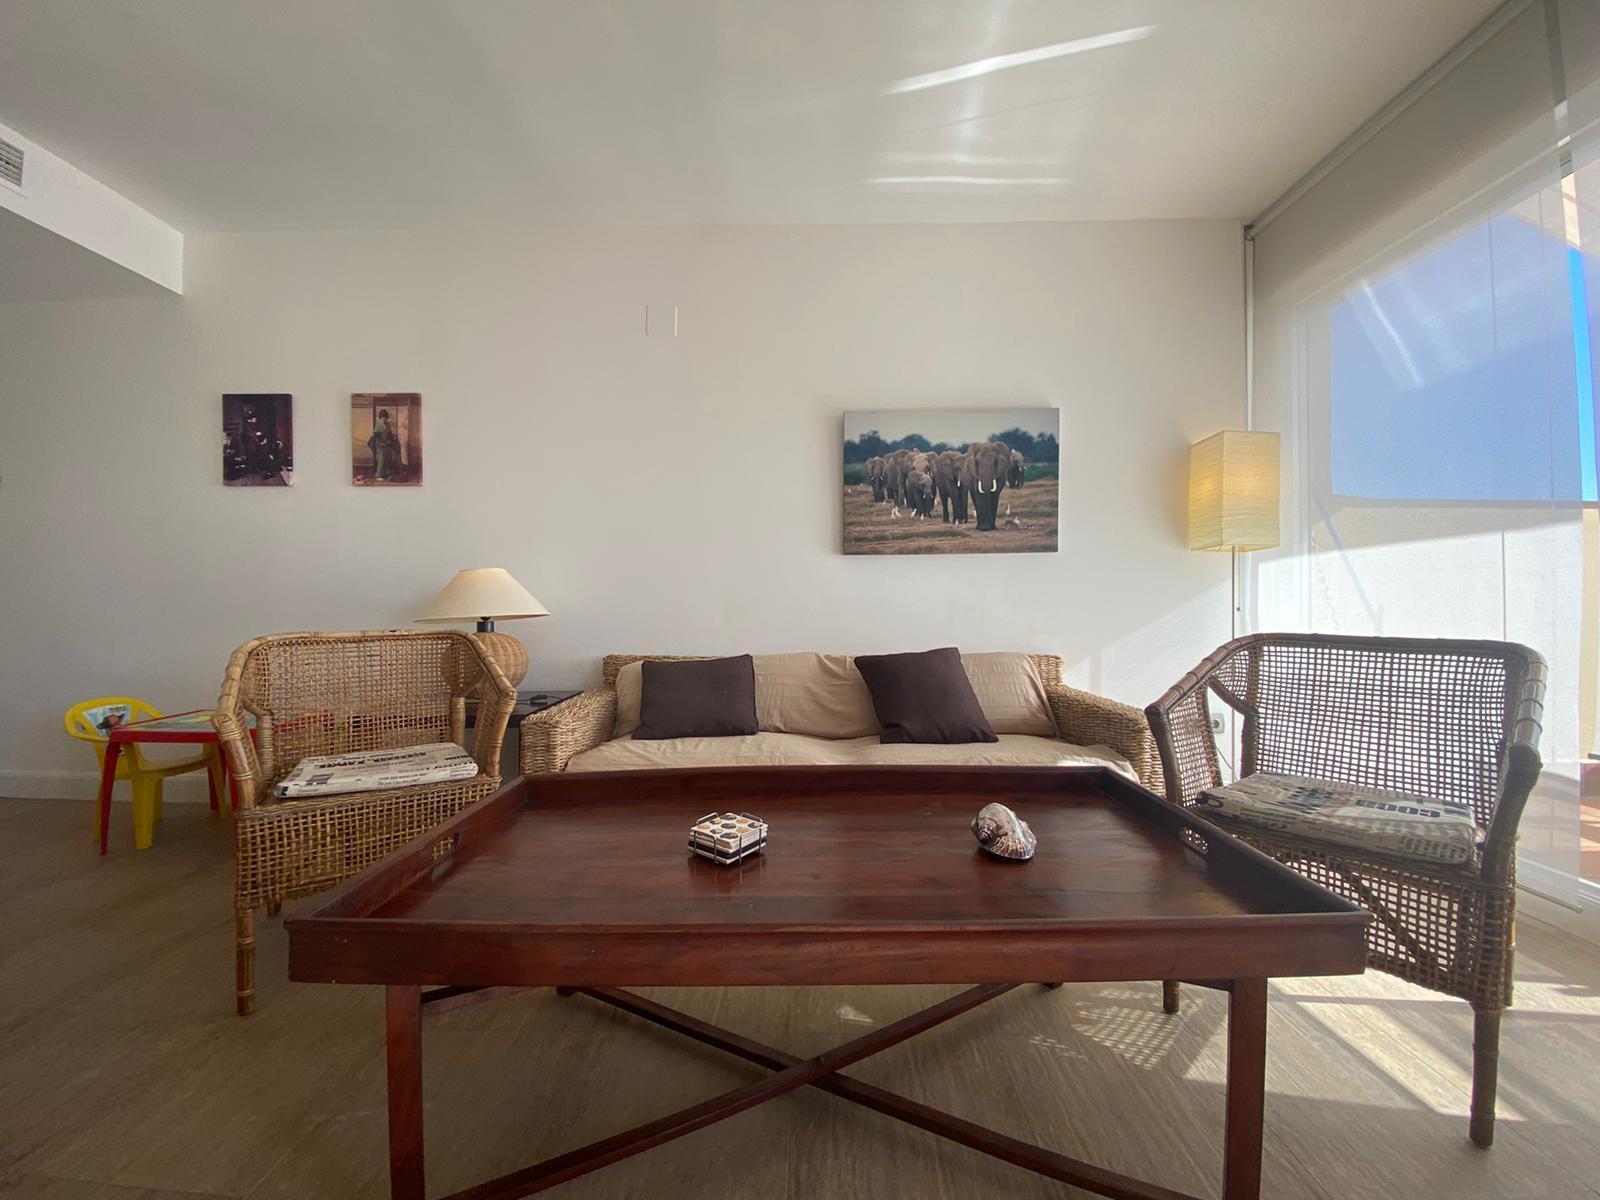 Imagen 1 del Apartamento Turístico, Ático 6 Central (3d+2b), Punta del Moral (HUELVA), Paseo de la Cruz nº22